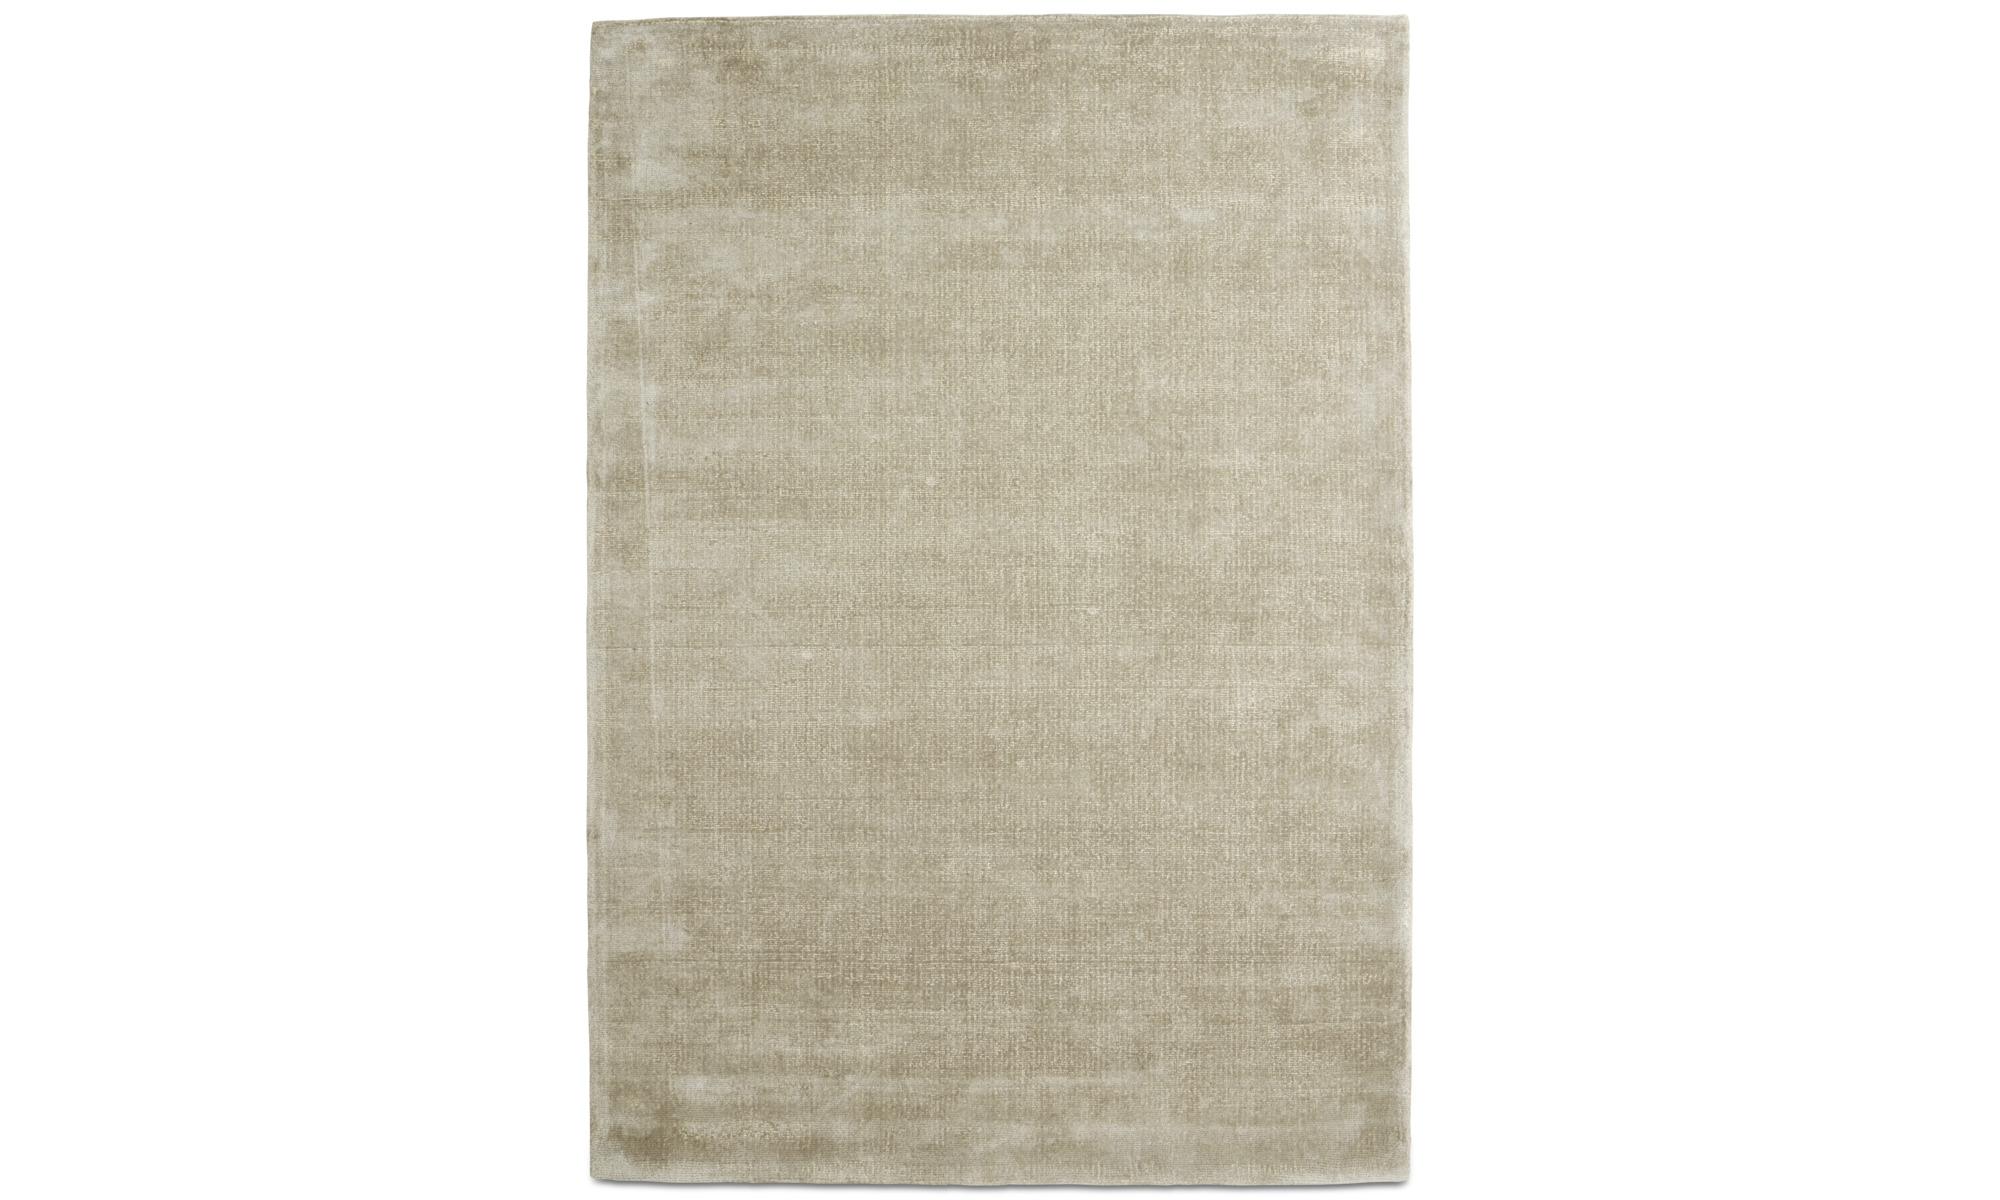 Rugs - Simple rug - rectangular - Grey - Wool